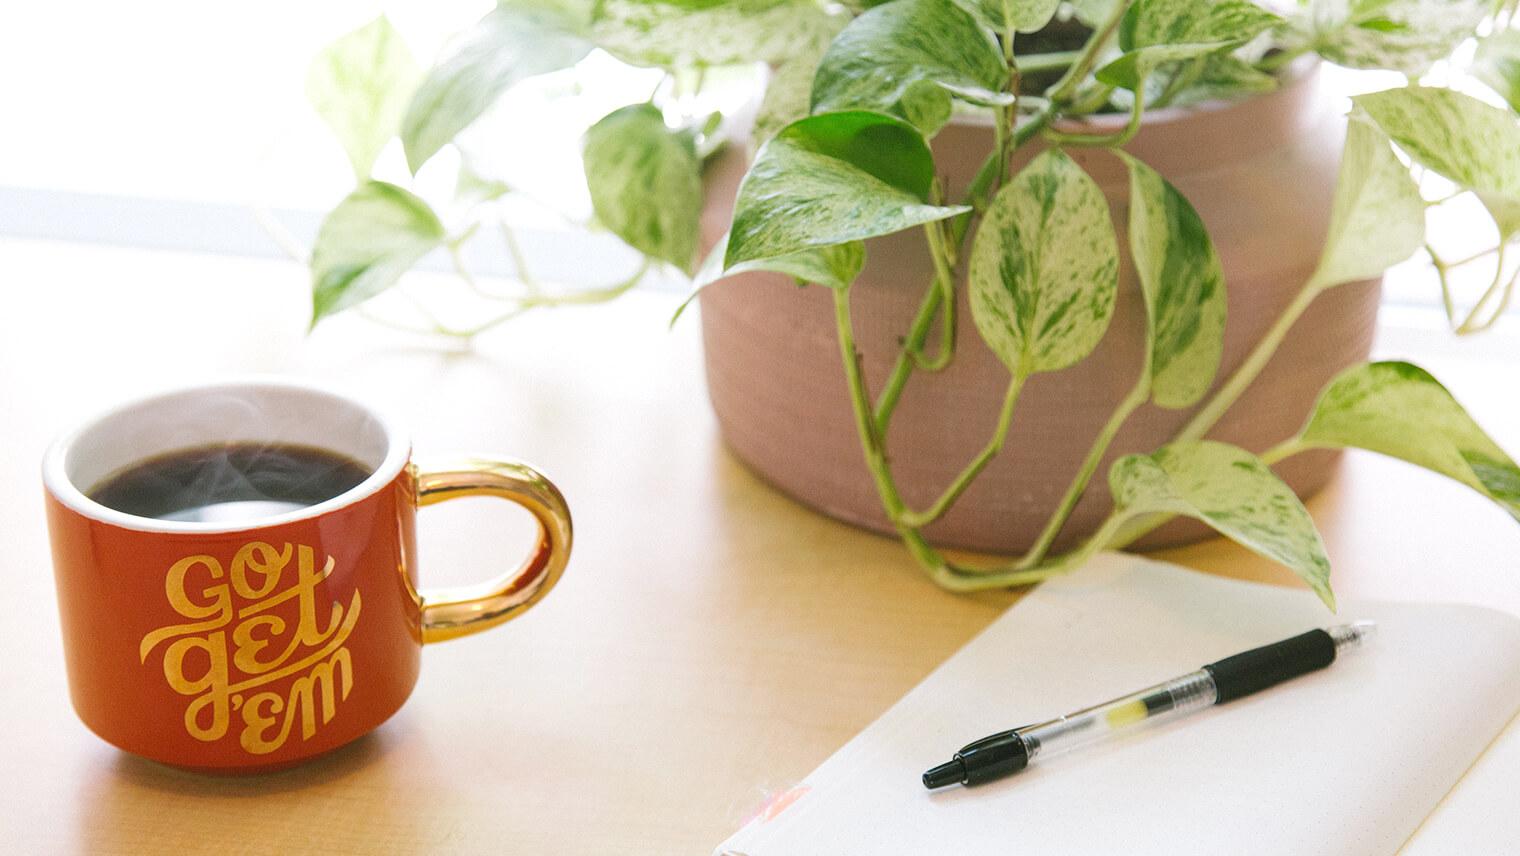 木の机の上に、赤いコップにコーヒーが入っていて、その隣にノートが広げられてペンが置かれている画像